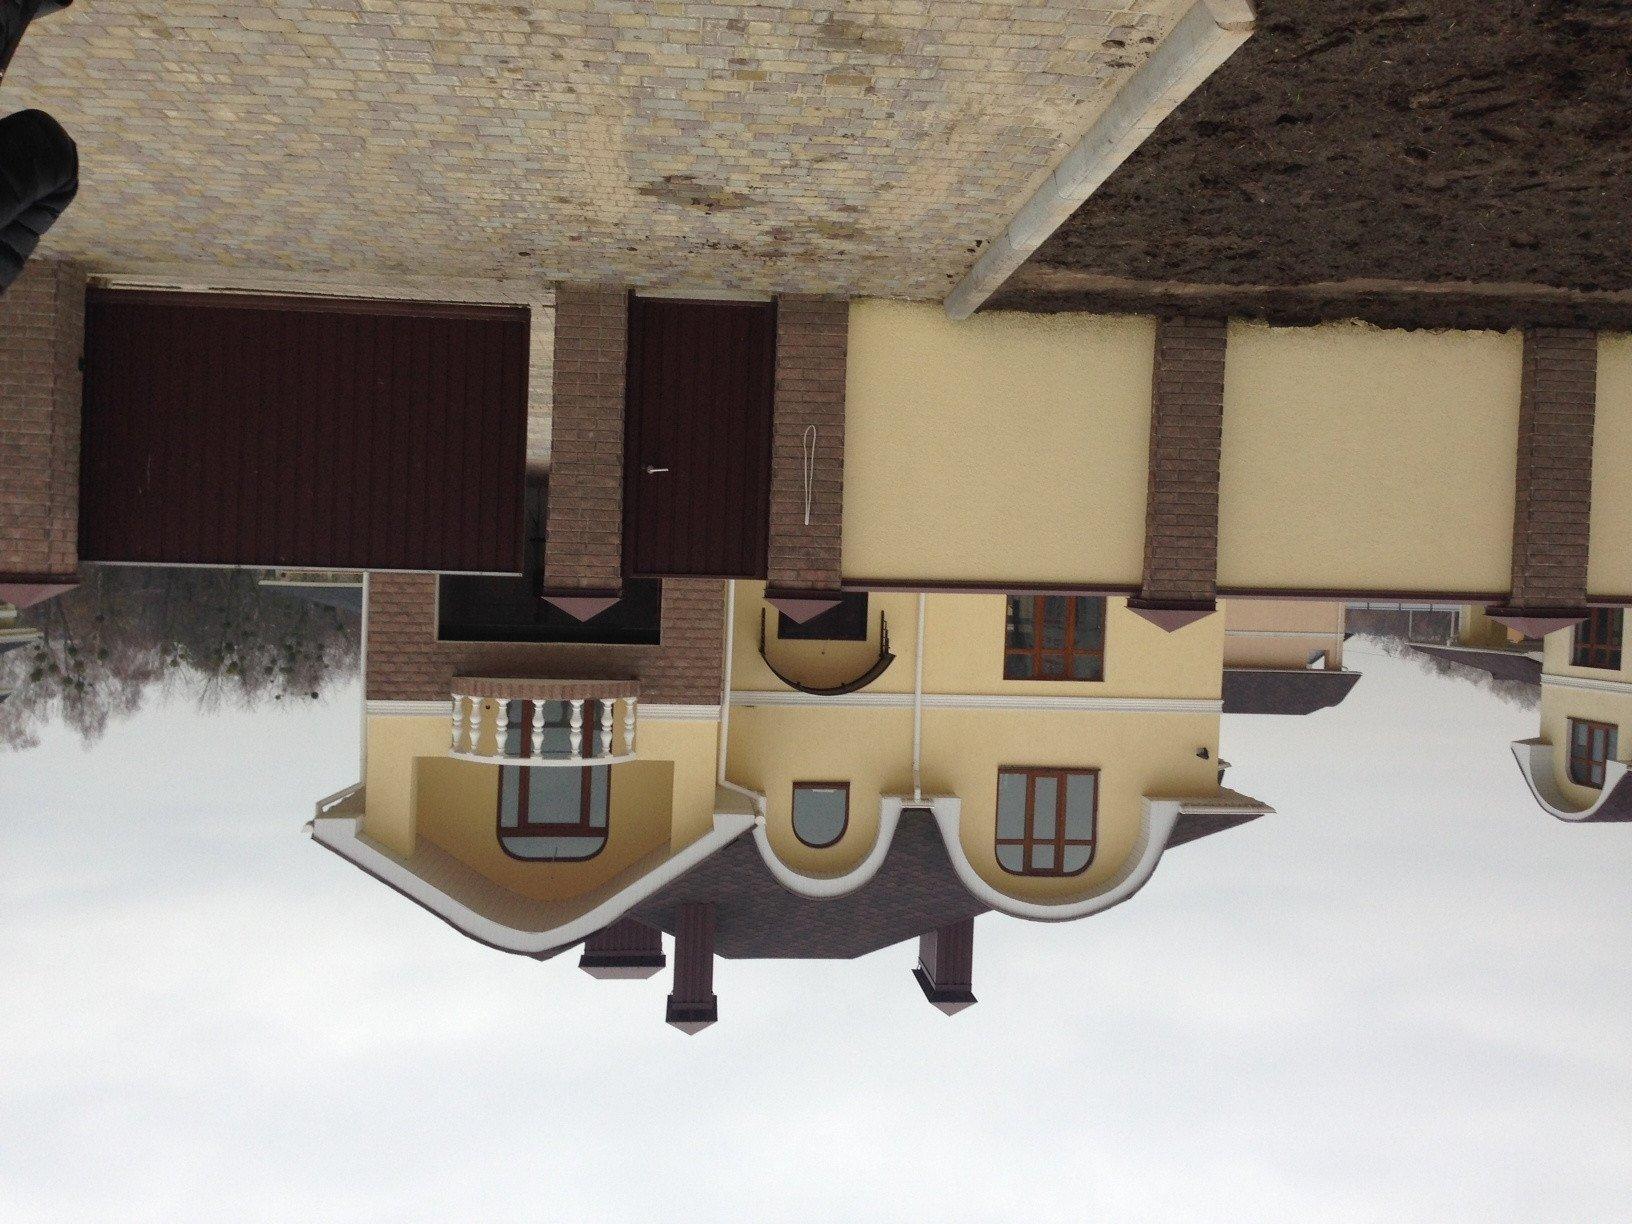 Фото: Продам будинок в місті Бровари. Оголошення № 4158